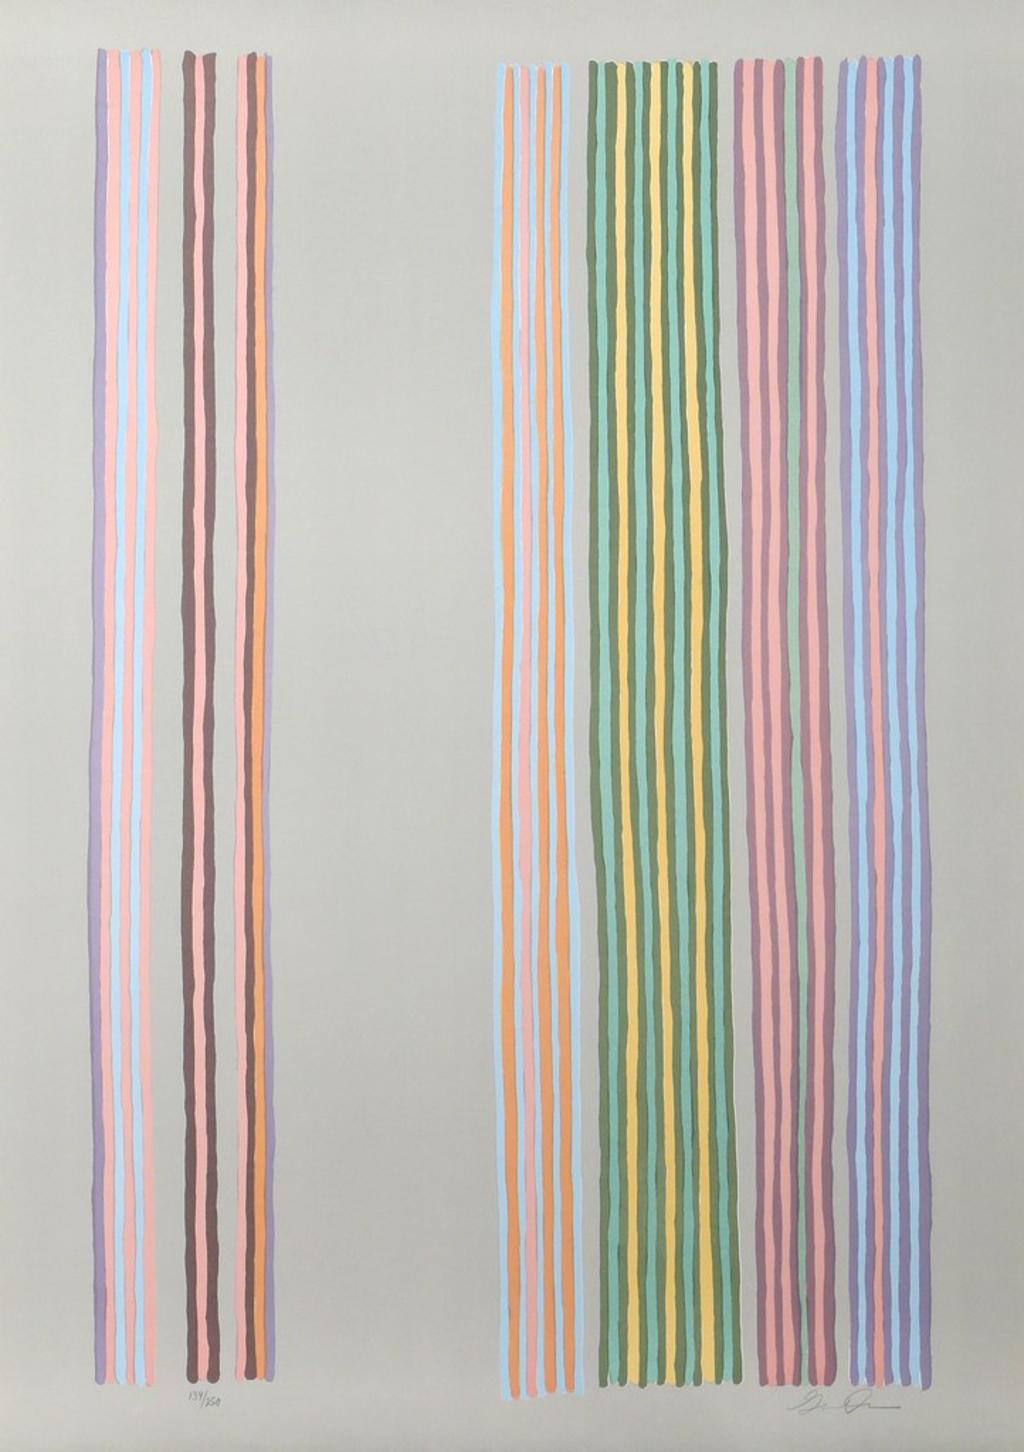 Royal Curtain by Gene Davis